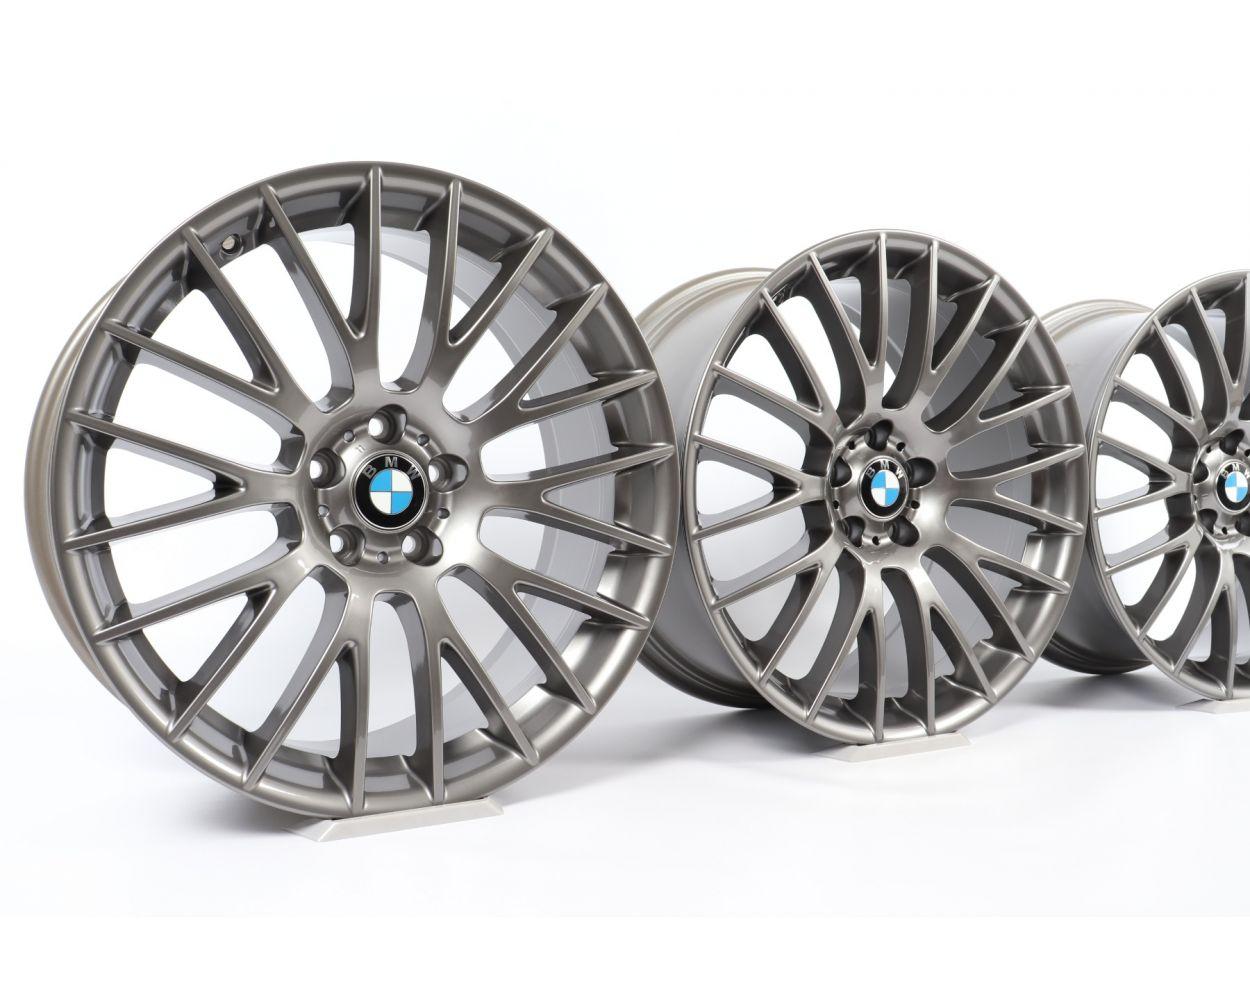 4x Bmw Alloy Rims 5 Series F07 7 Series F01 F02 21 Inch Styling 312 Kreuzspeiche